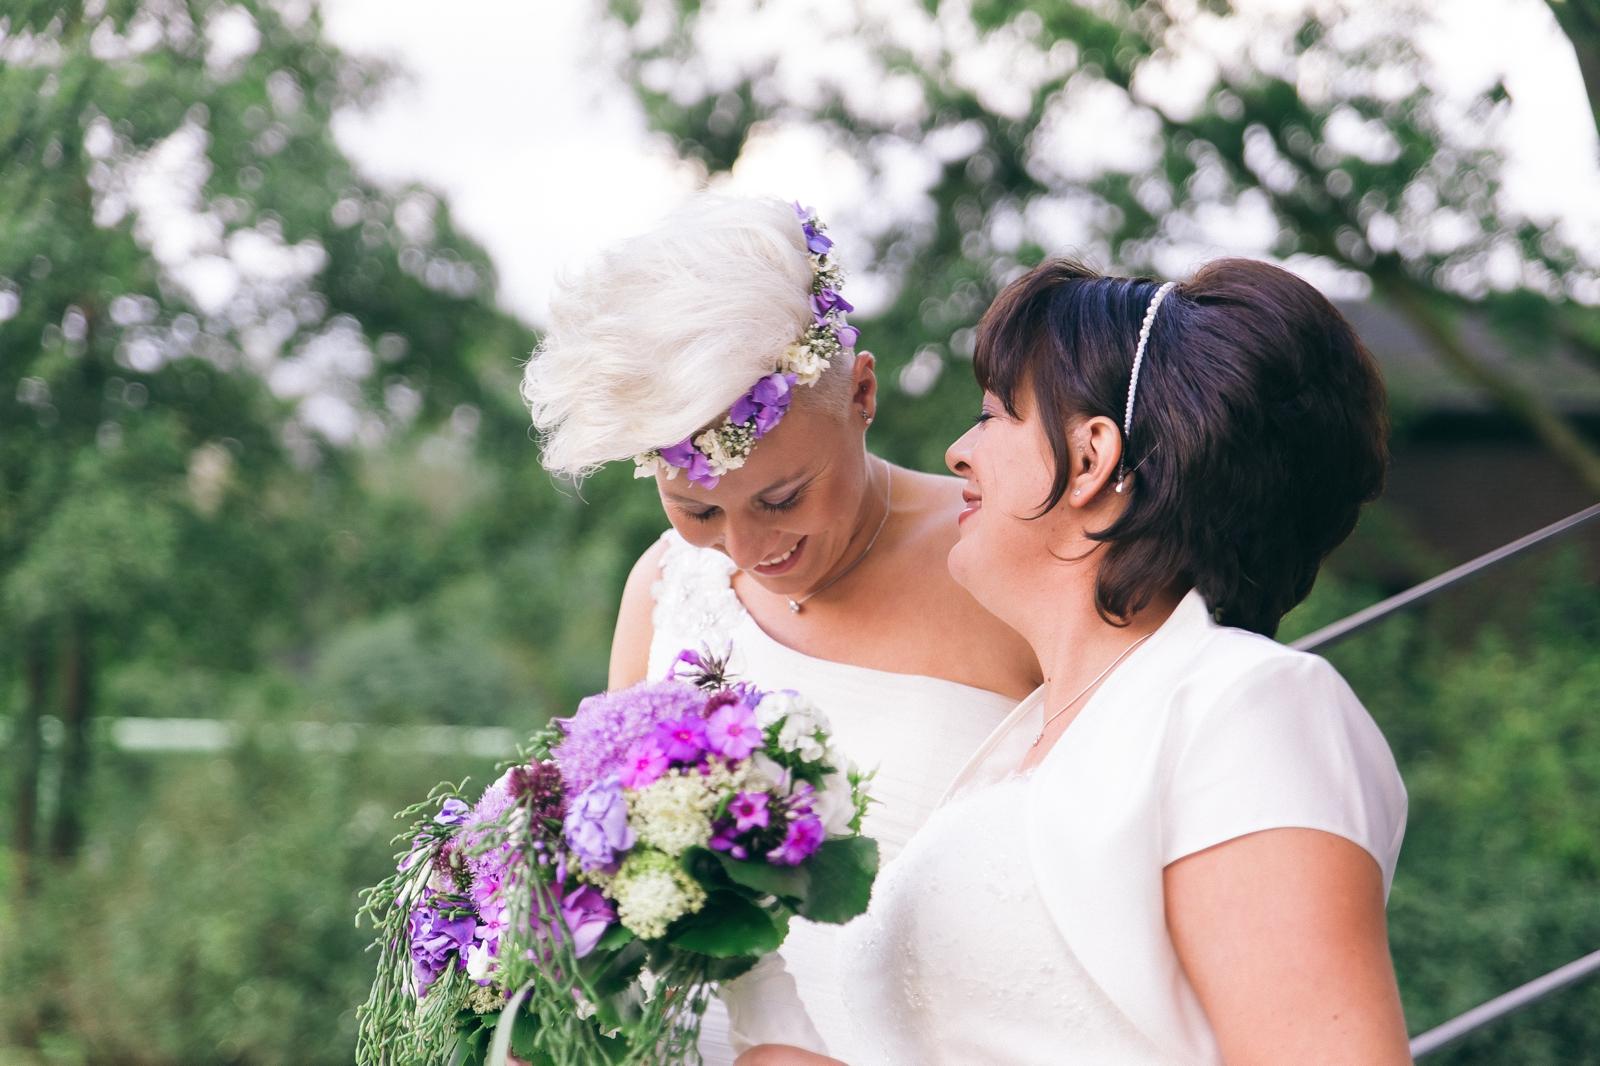 Monstergraphie_Hochzeitsreportage_Essen_Zeche_Zollverein26.jpg?fit=1600%2C1066